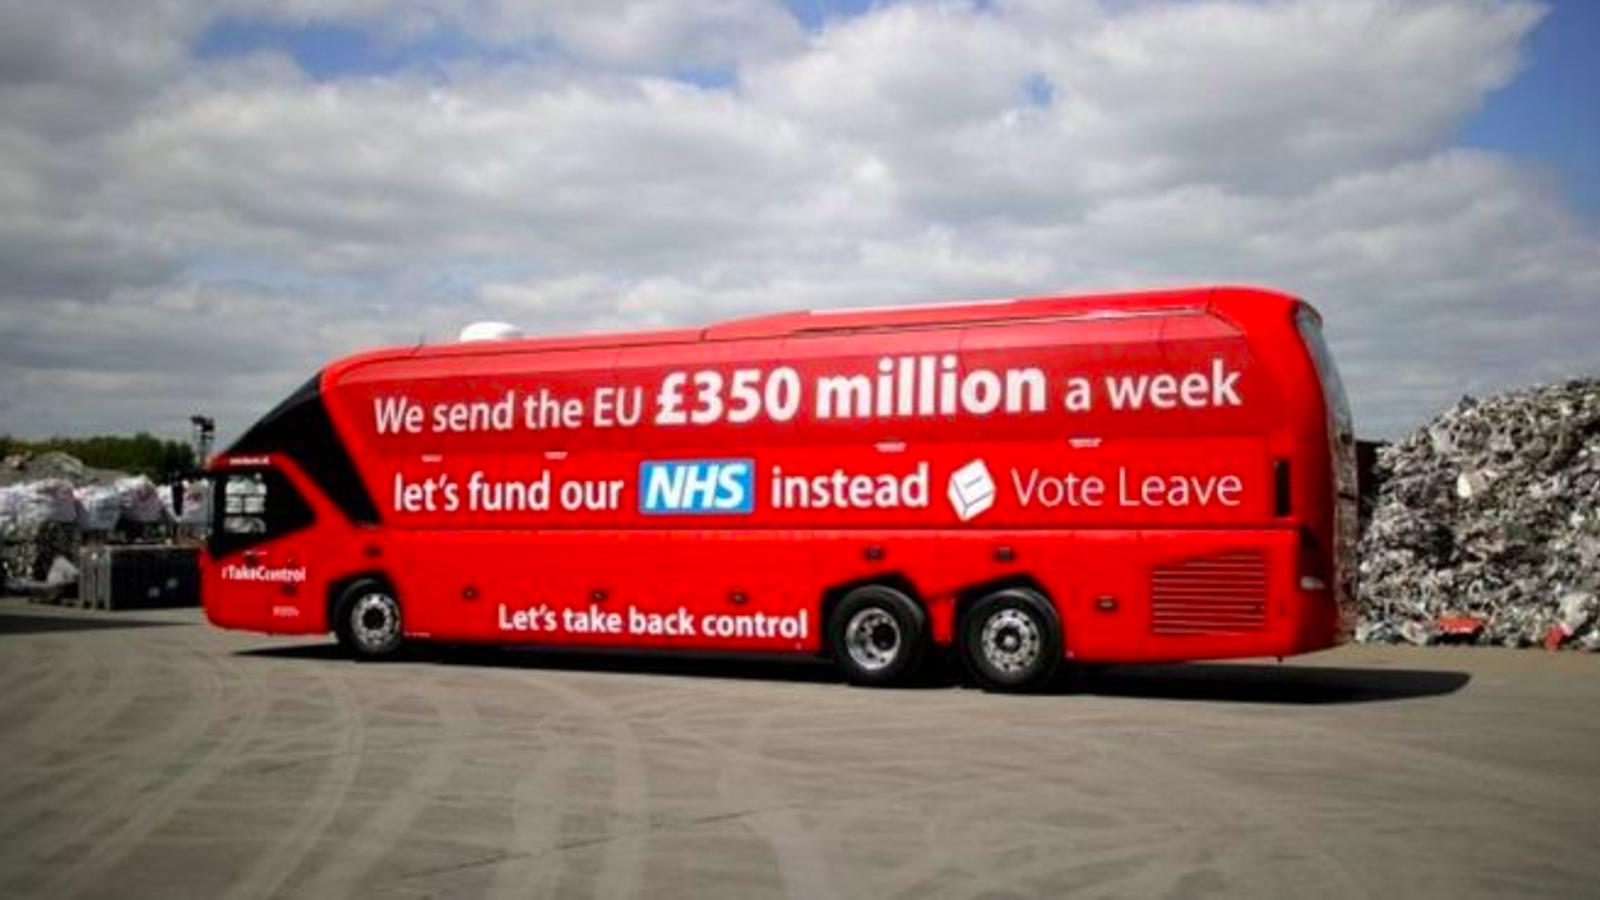 Autobús de la campanya del Brexit, que recordava que el Regne Unit envia a Brussel·les 350 milions de lliures i que es podrien invertir en el sistema nacional de salut / REUTERS